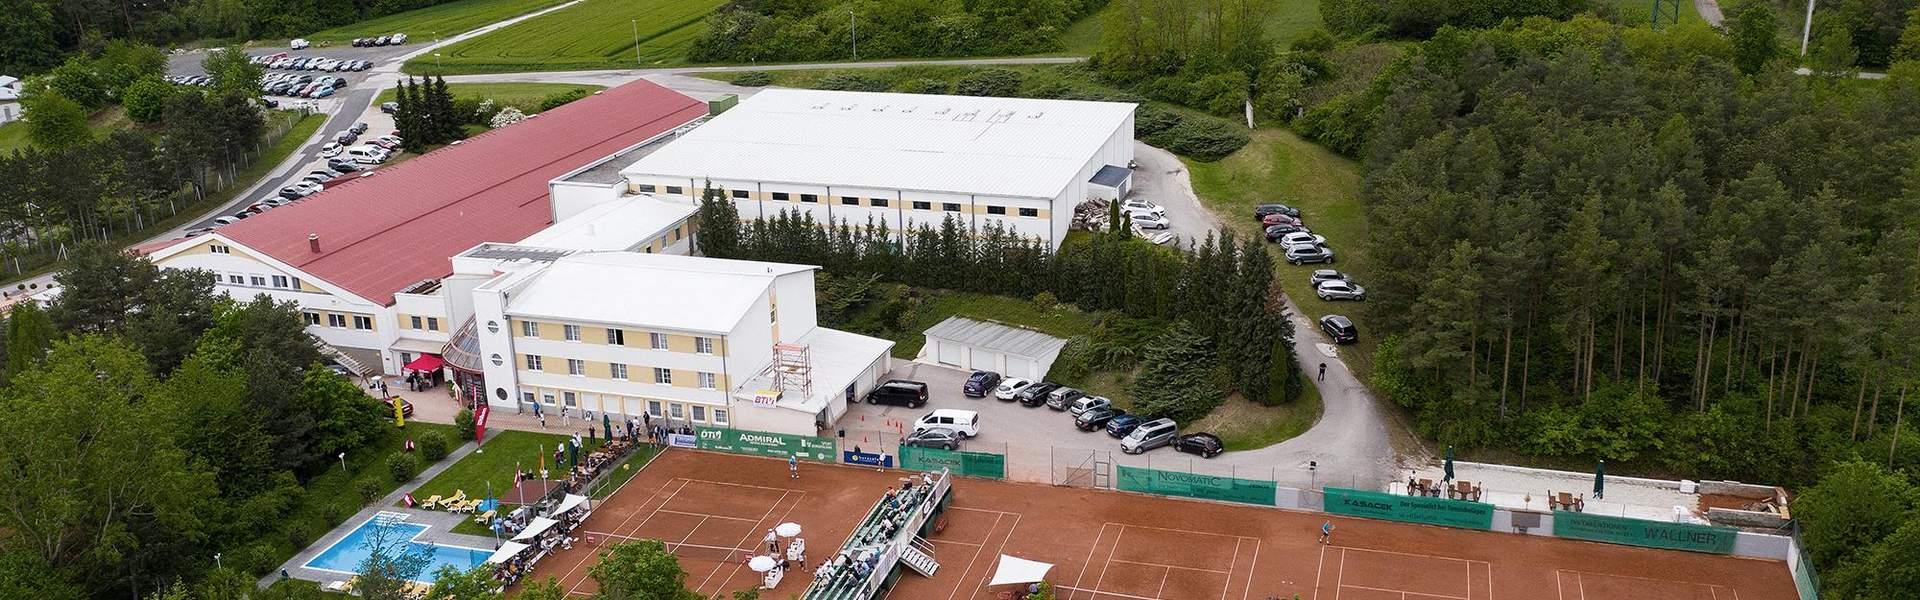 Sporthotel Kurz mit Outdoor Tennisplätzen